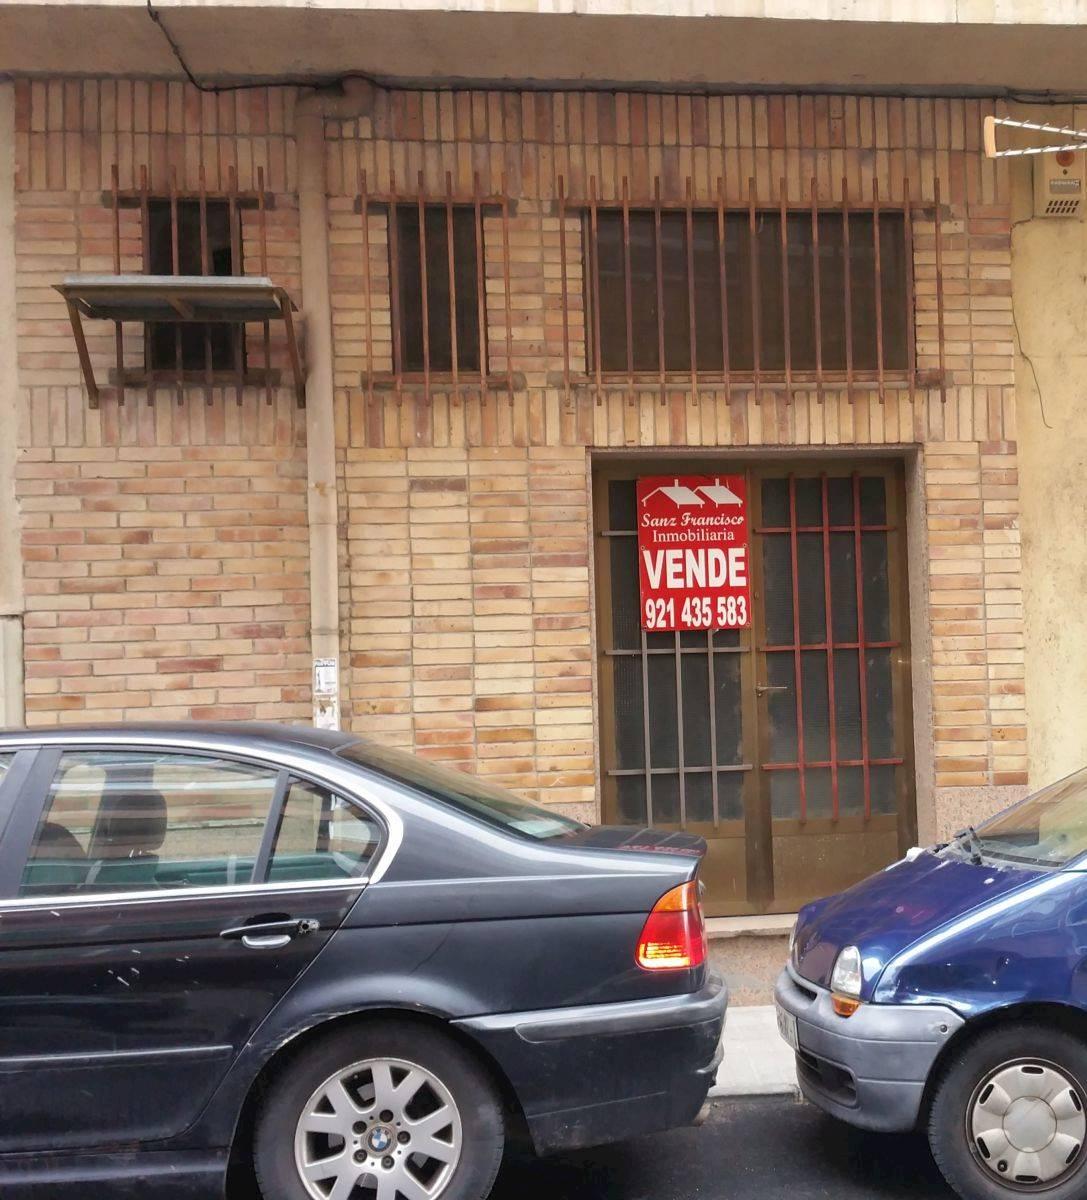 Komercyjne na sprzedaż w Miasto Segowia - 40 000 € (Ref: 3830124)